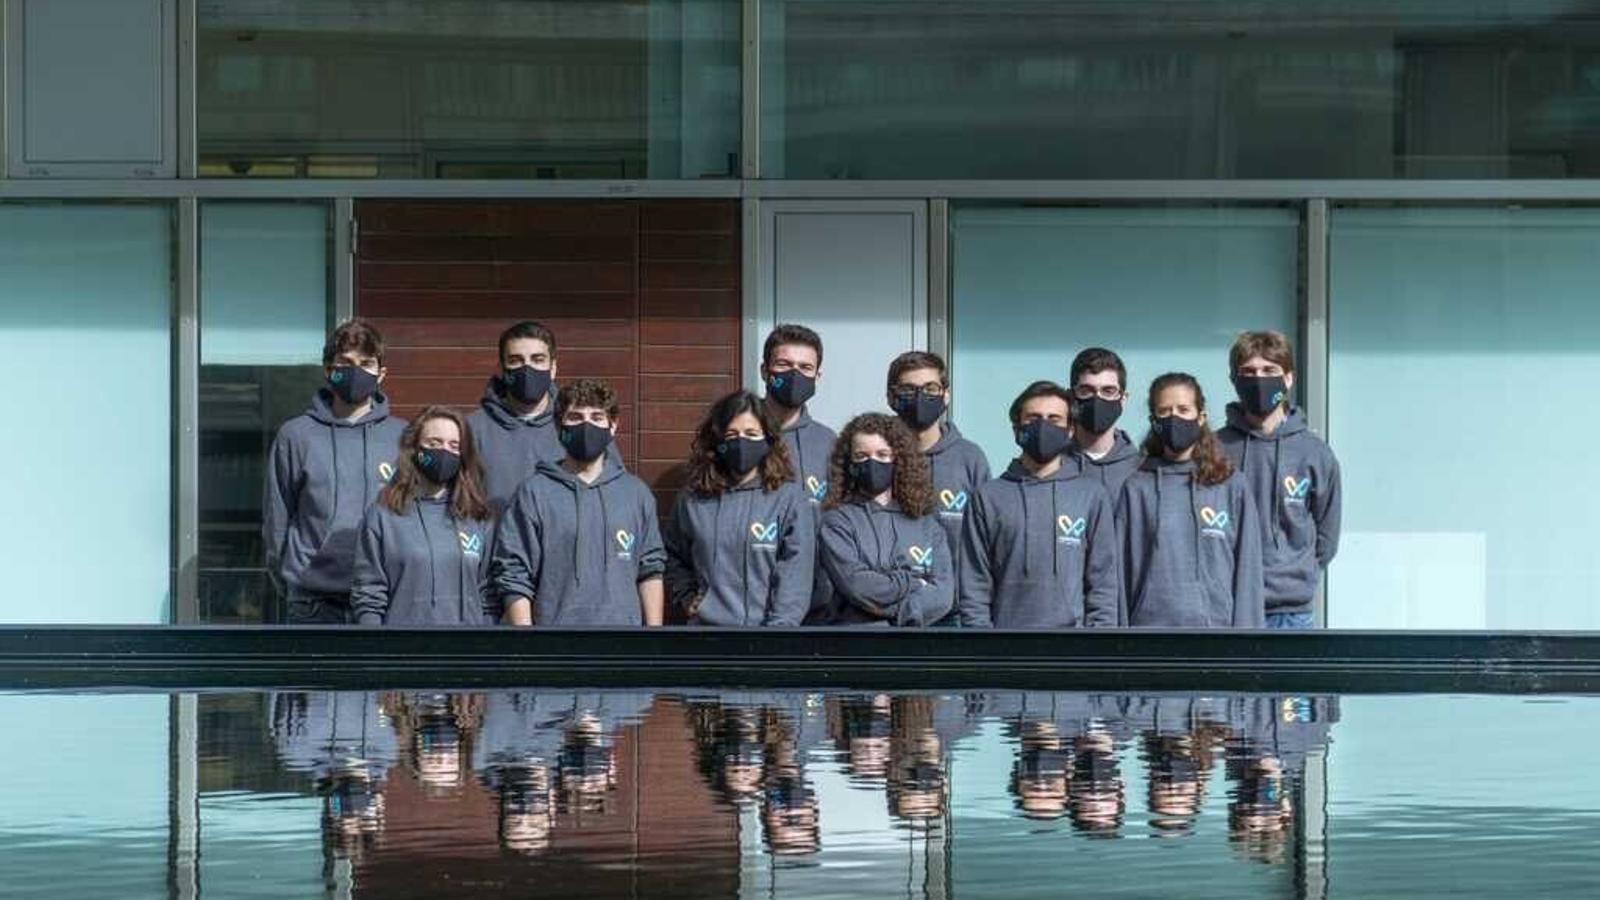 L'equip que ha representat Barcelona als iGEM: A. Pascuet, E. Suñé, J. Pinyol, J.Puig, J. Monge, M. Chic, M. Caravaca, N. Álvarez de Eulate, Q. Martí i T. Berjara.